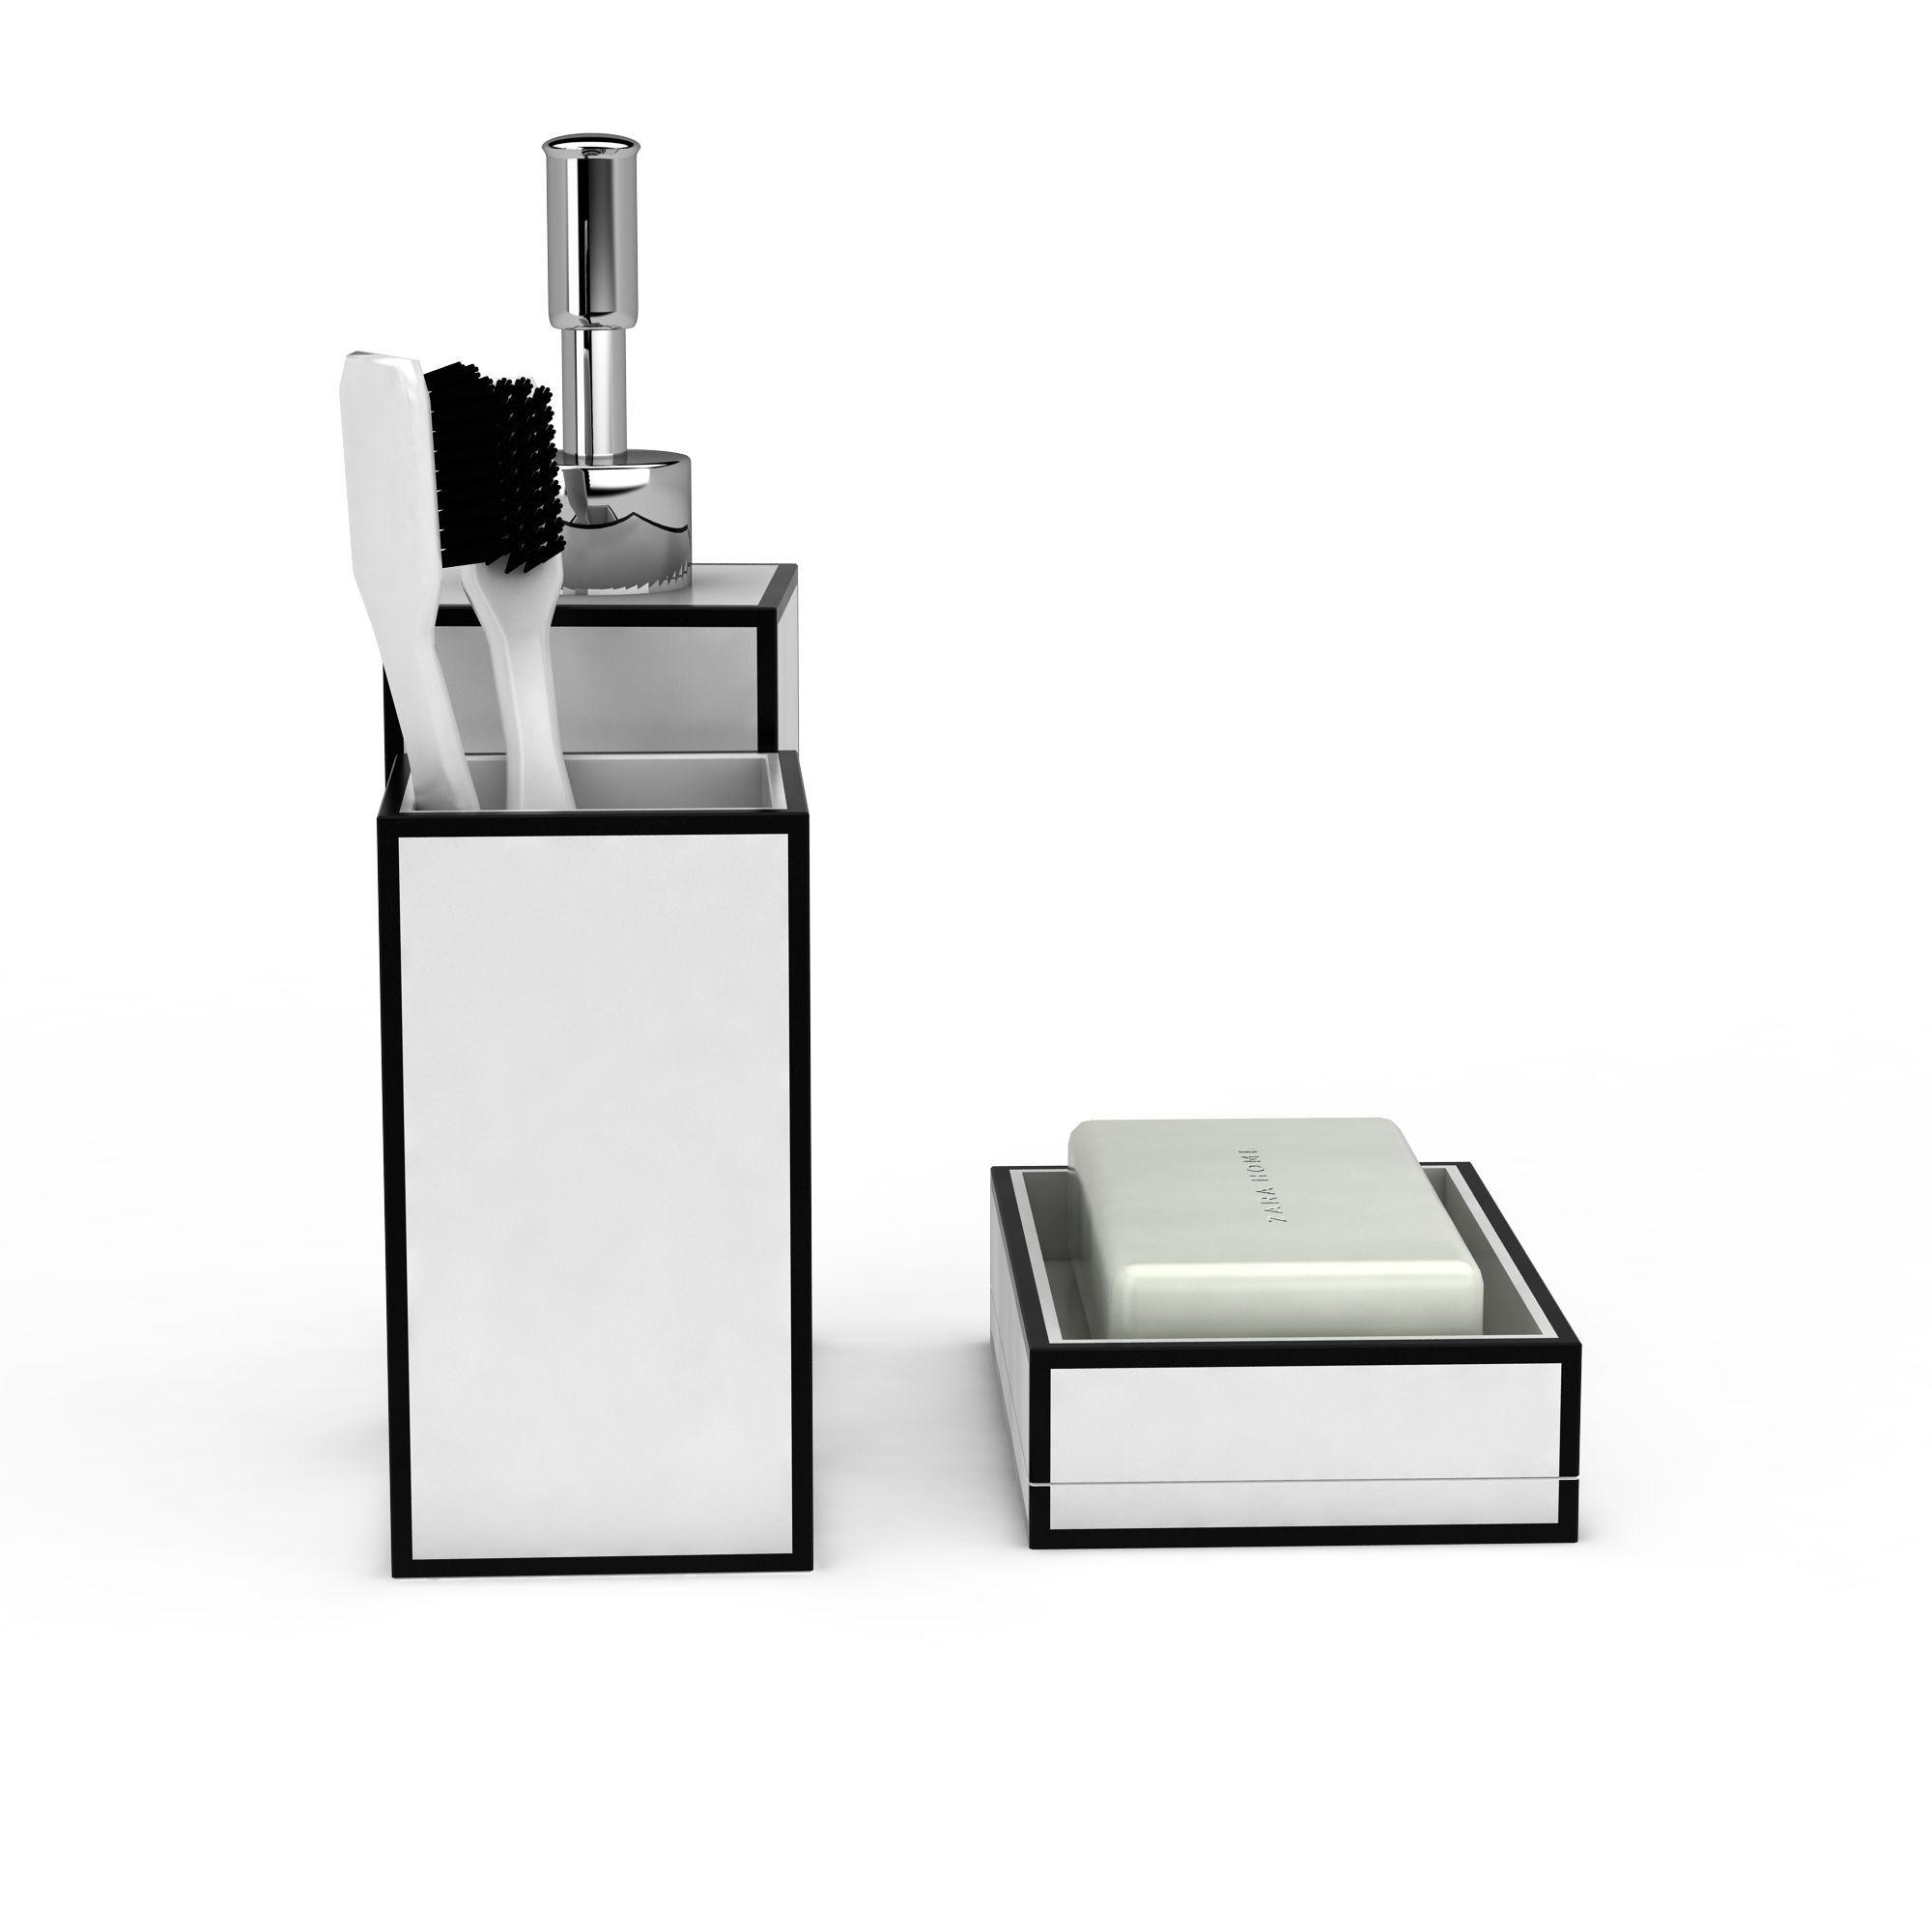 洗漱用品3d模型 洗漱用品png高清图  洗漱用品高清图详情 设计师 3d